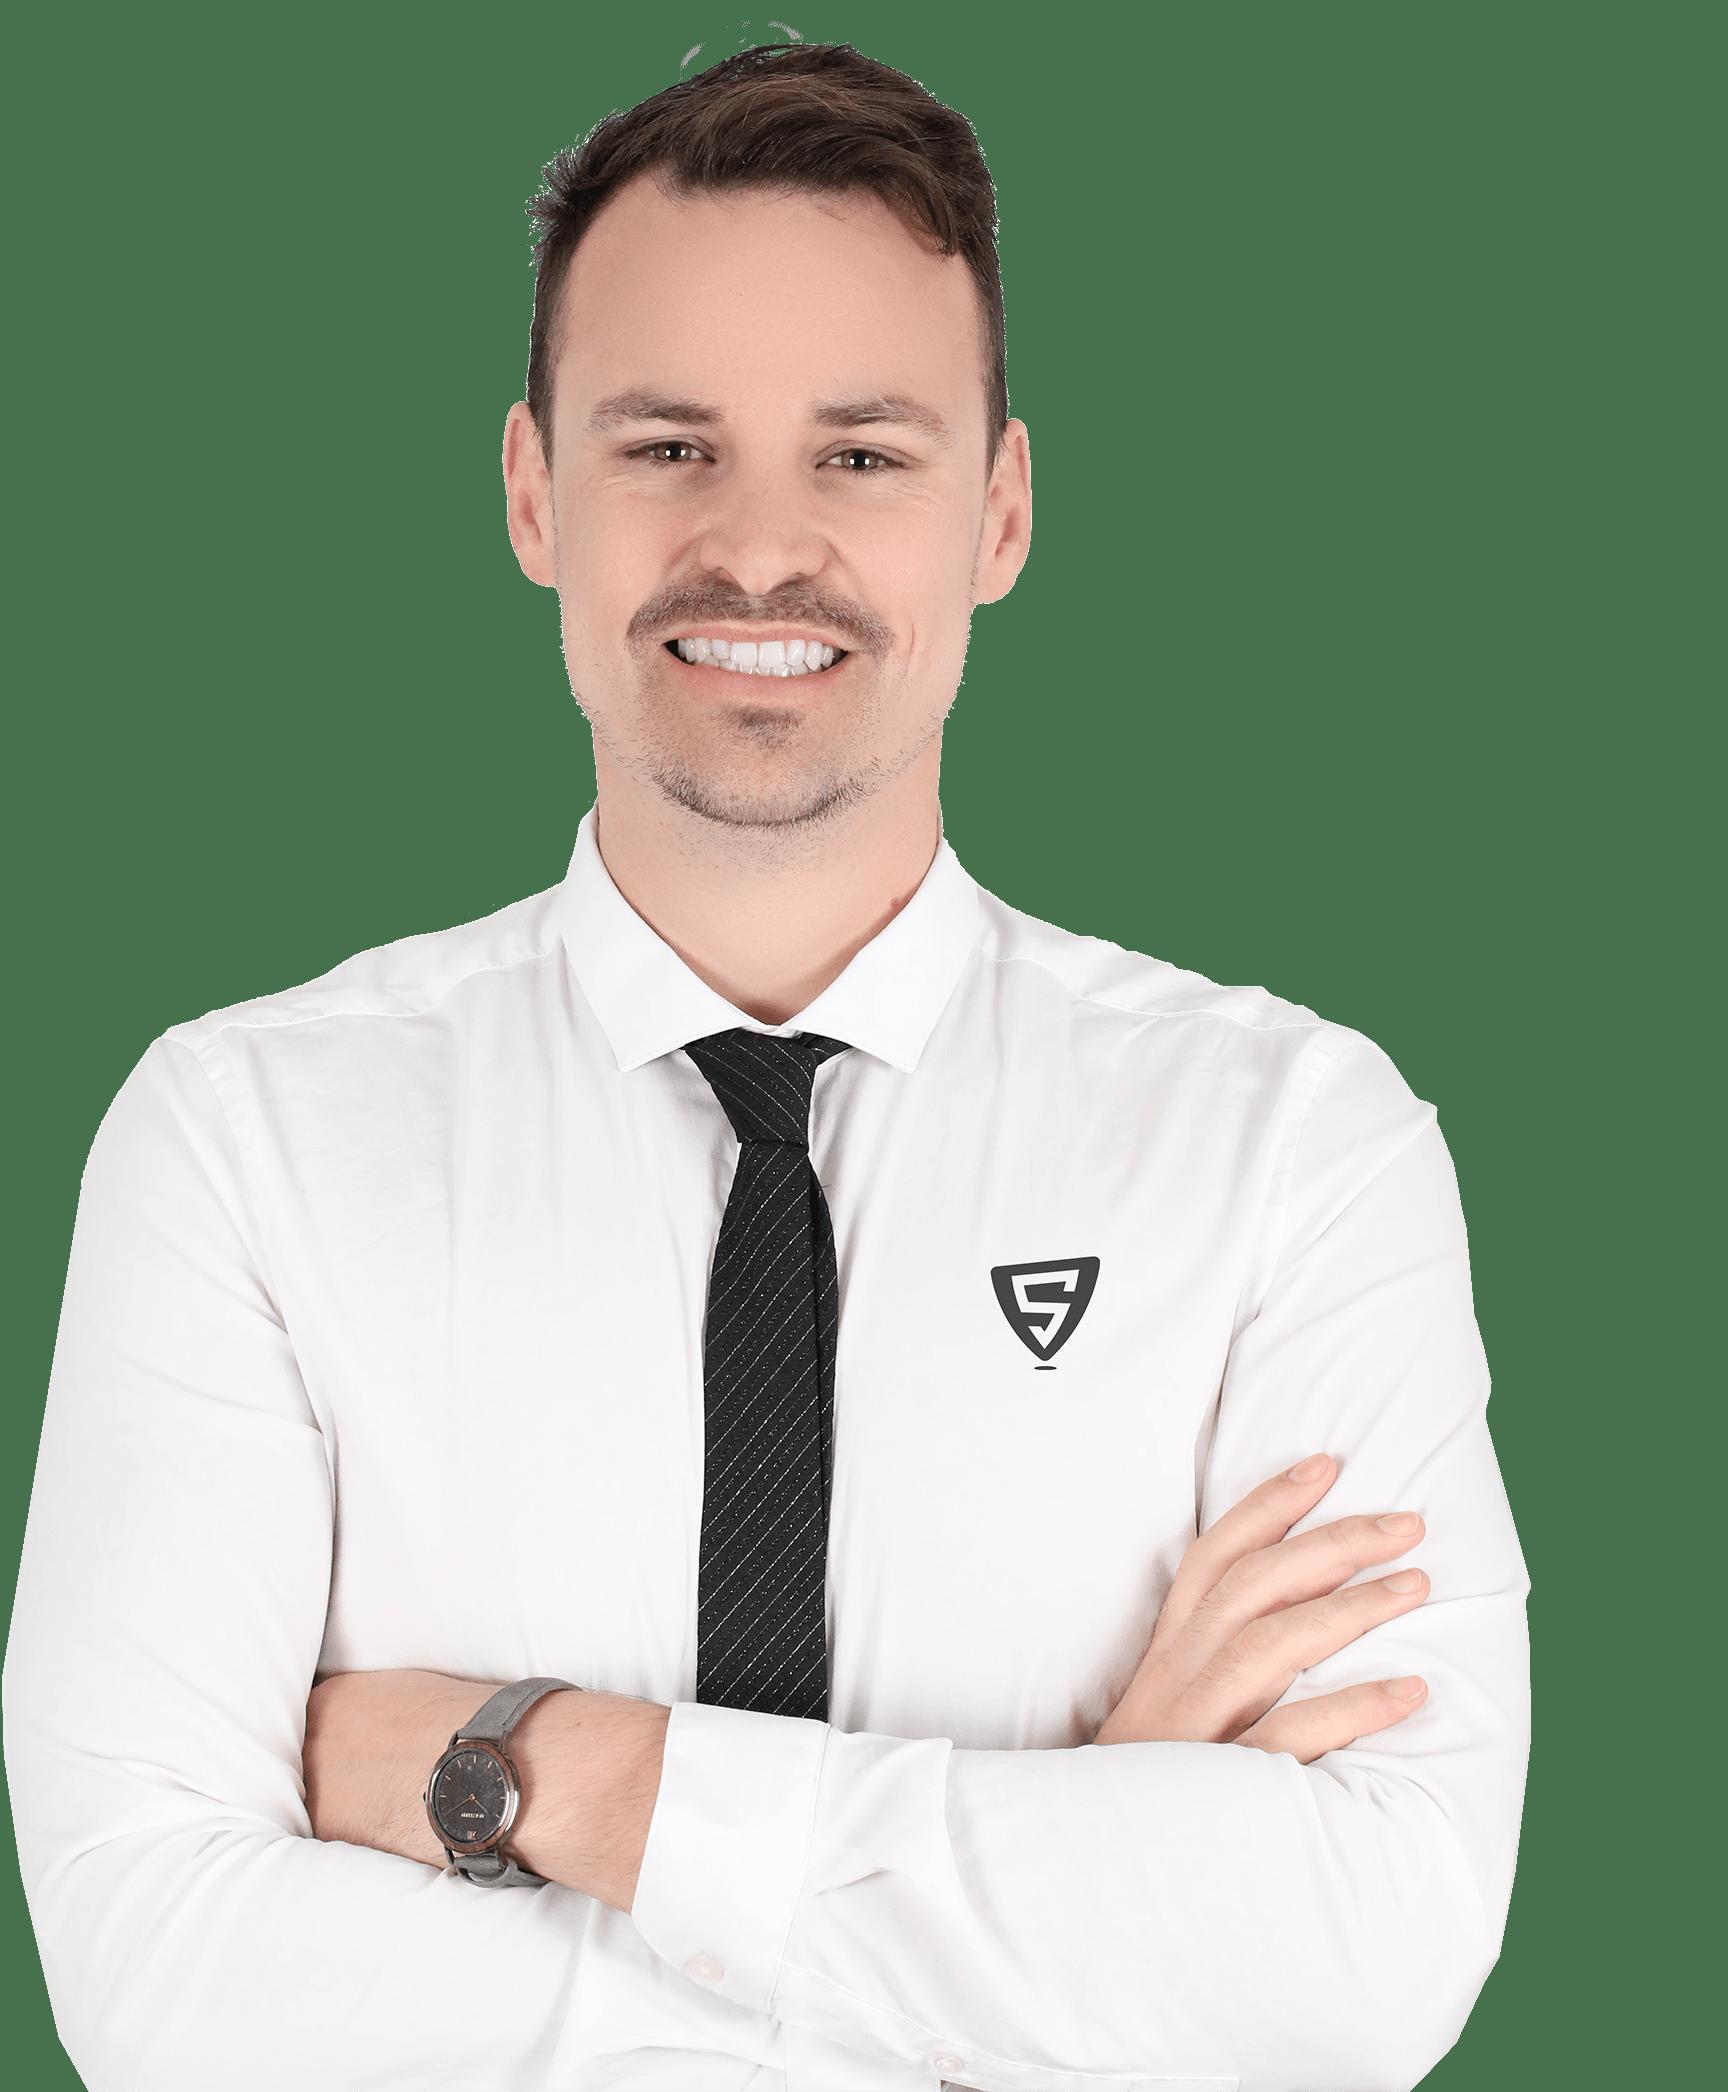 Sidney Rubio: Creador de contenido y experto en negocios online